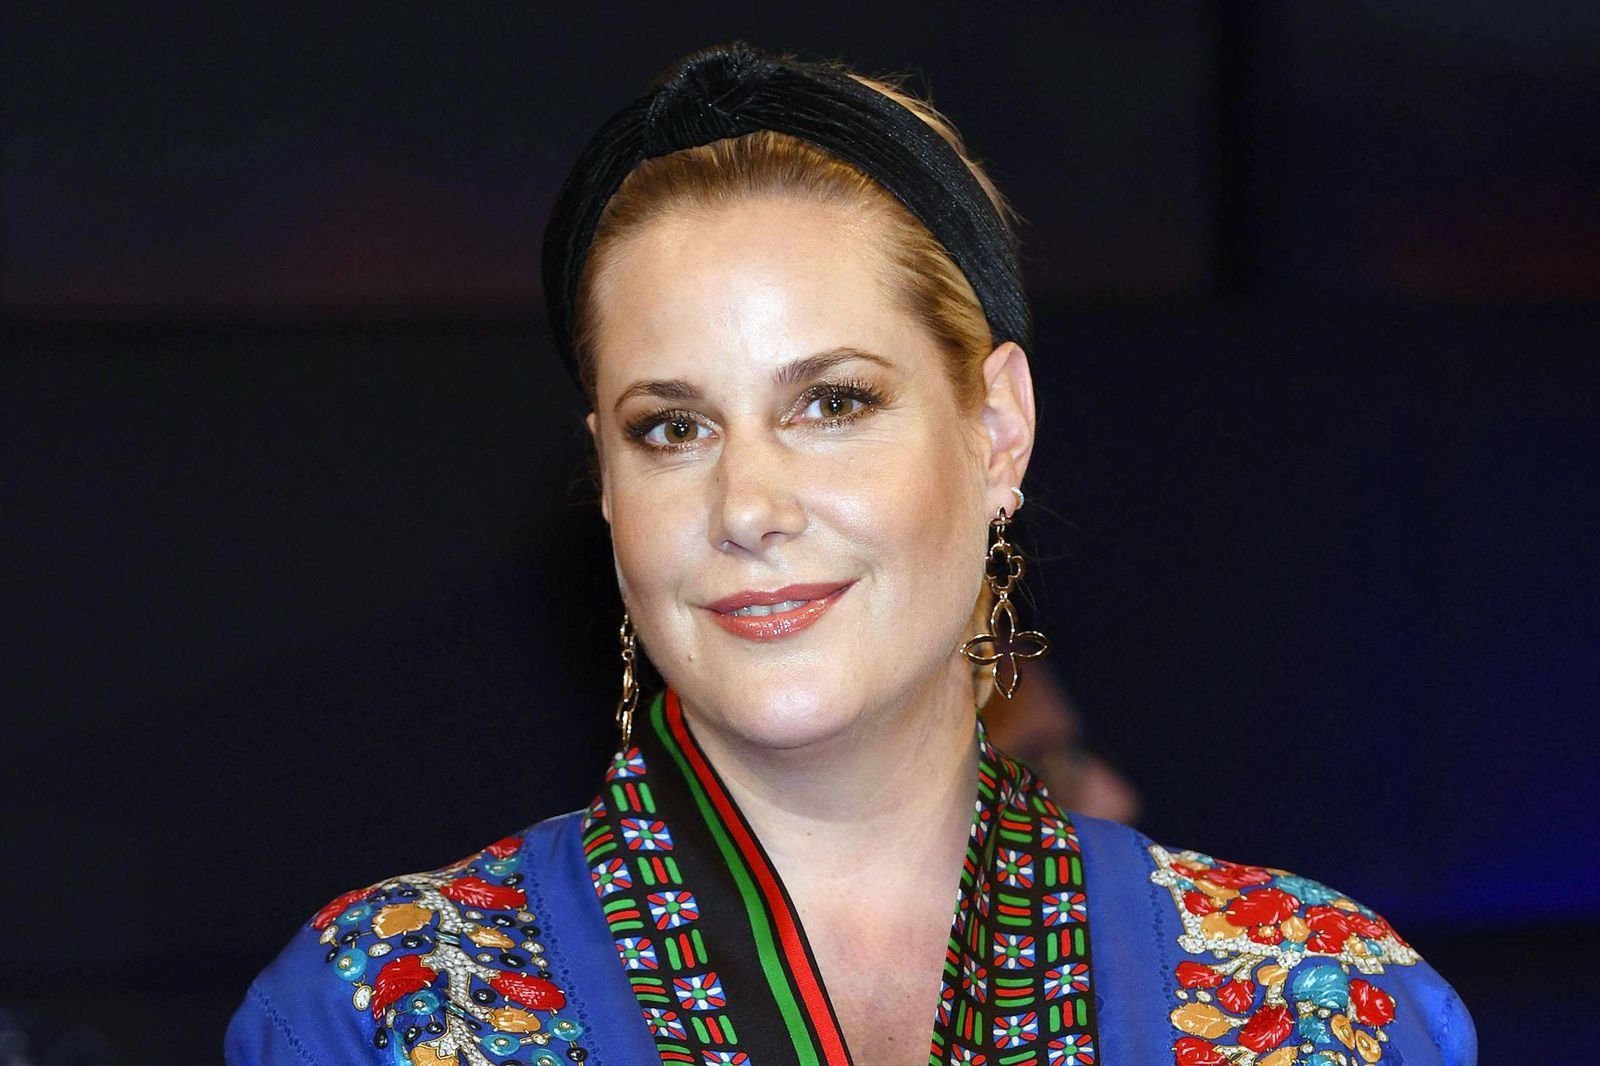 Anika Decker bei der NDR Talkshow aus Hannover im NDR Studio auf dem Messegel‰nde in Hannover am 09